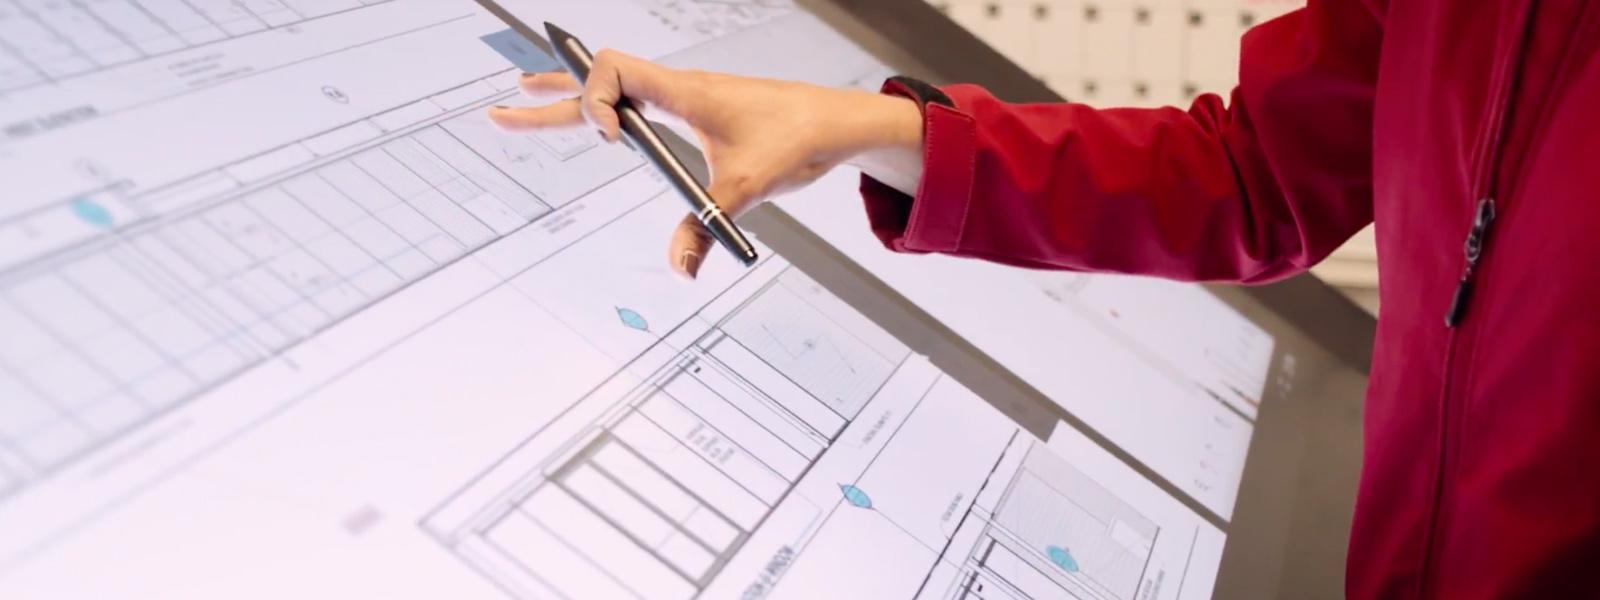 Employé de Suffolk Construction qui travaille sur un plan sur un Surface Hub.